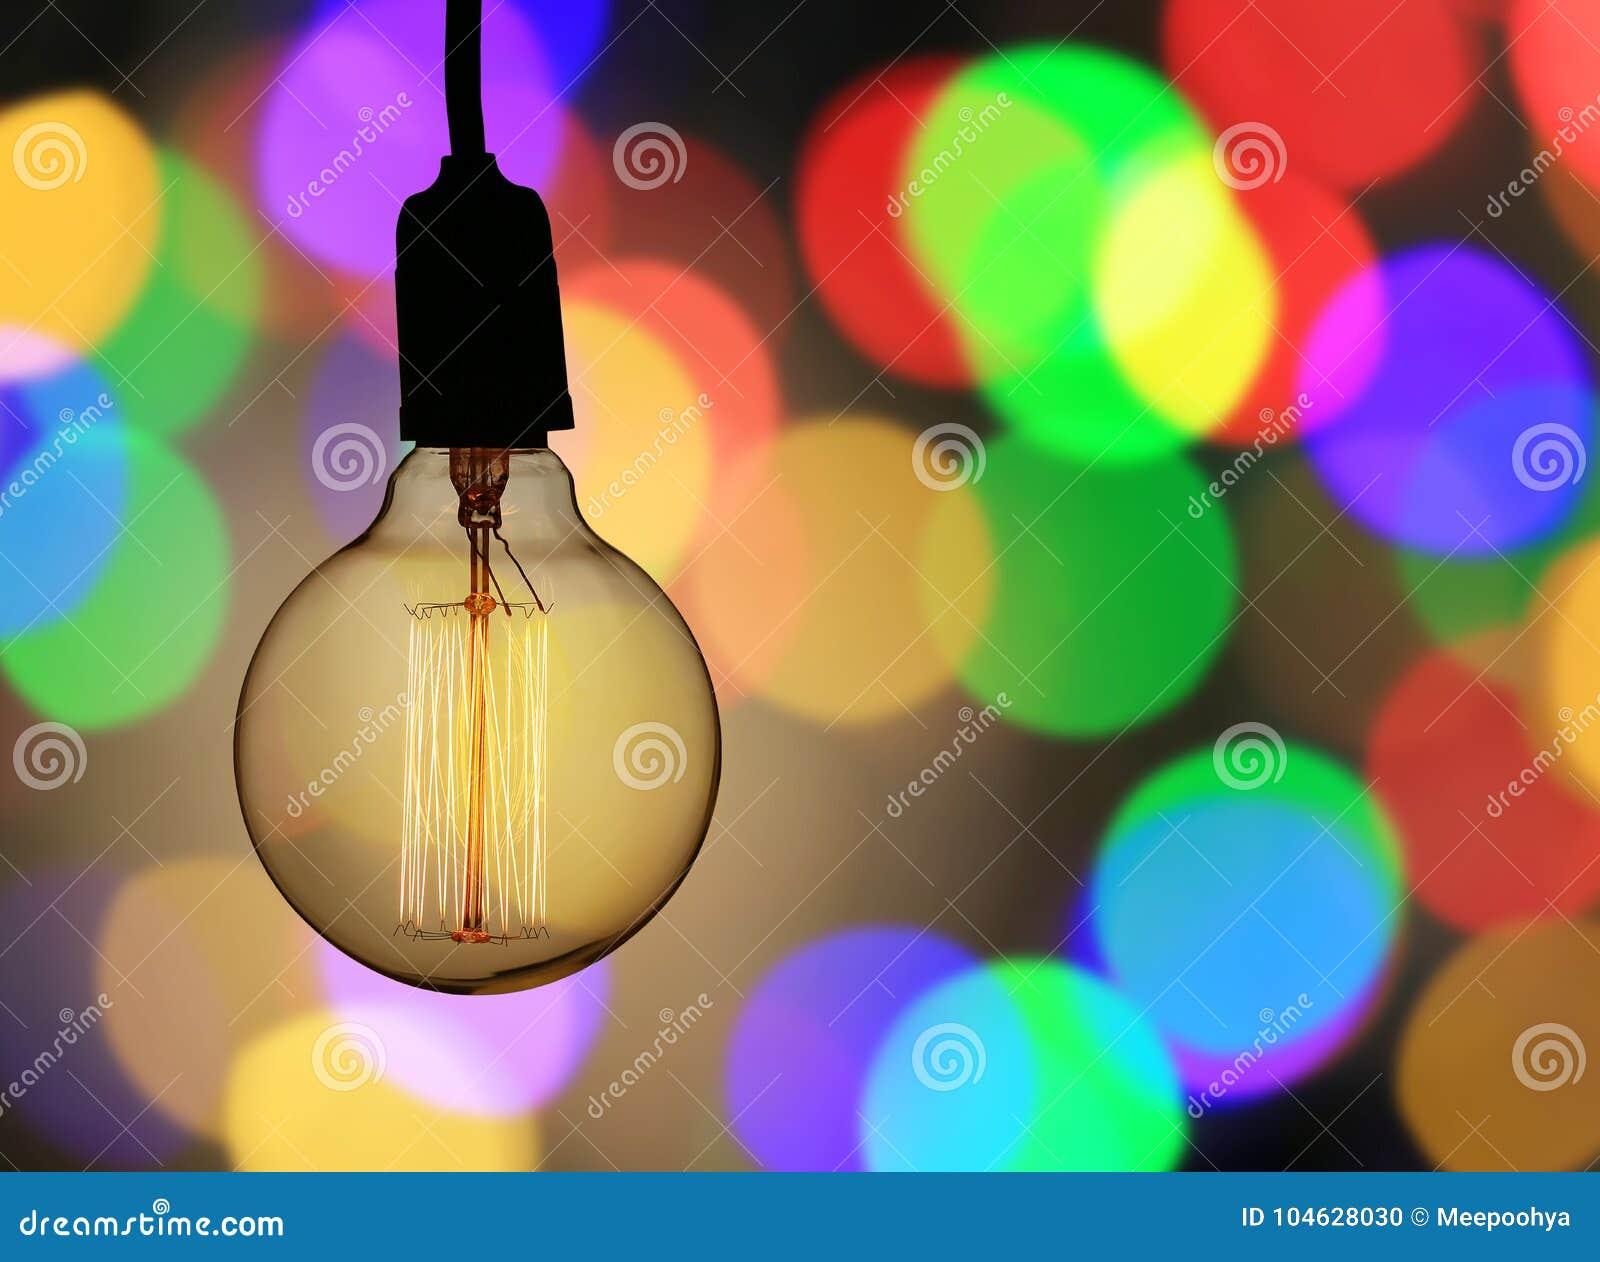 Download De Uitstekende Lamp Of De Moderne Gloeilamp Hangt Op Plafond In Bokeh Backg Stock Foto - Afbeelding bestaande uit art, inrichtingen: 104628030